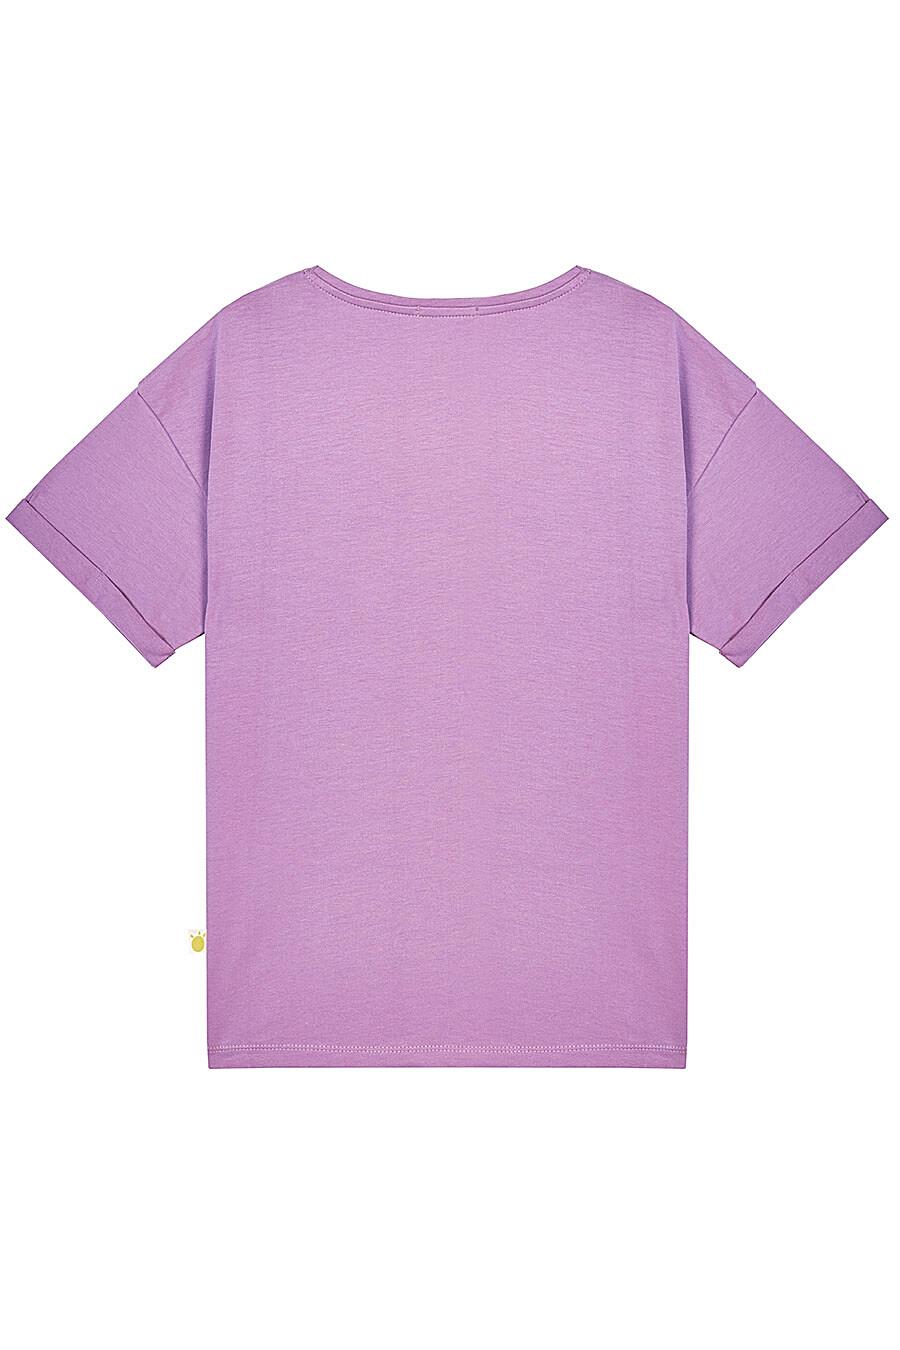 Футболка для девочек KOGANKIDS 682748 купить оптом от производителя. Совместная покупка детской одежды в OptMoyo